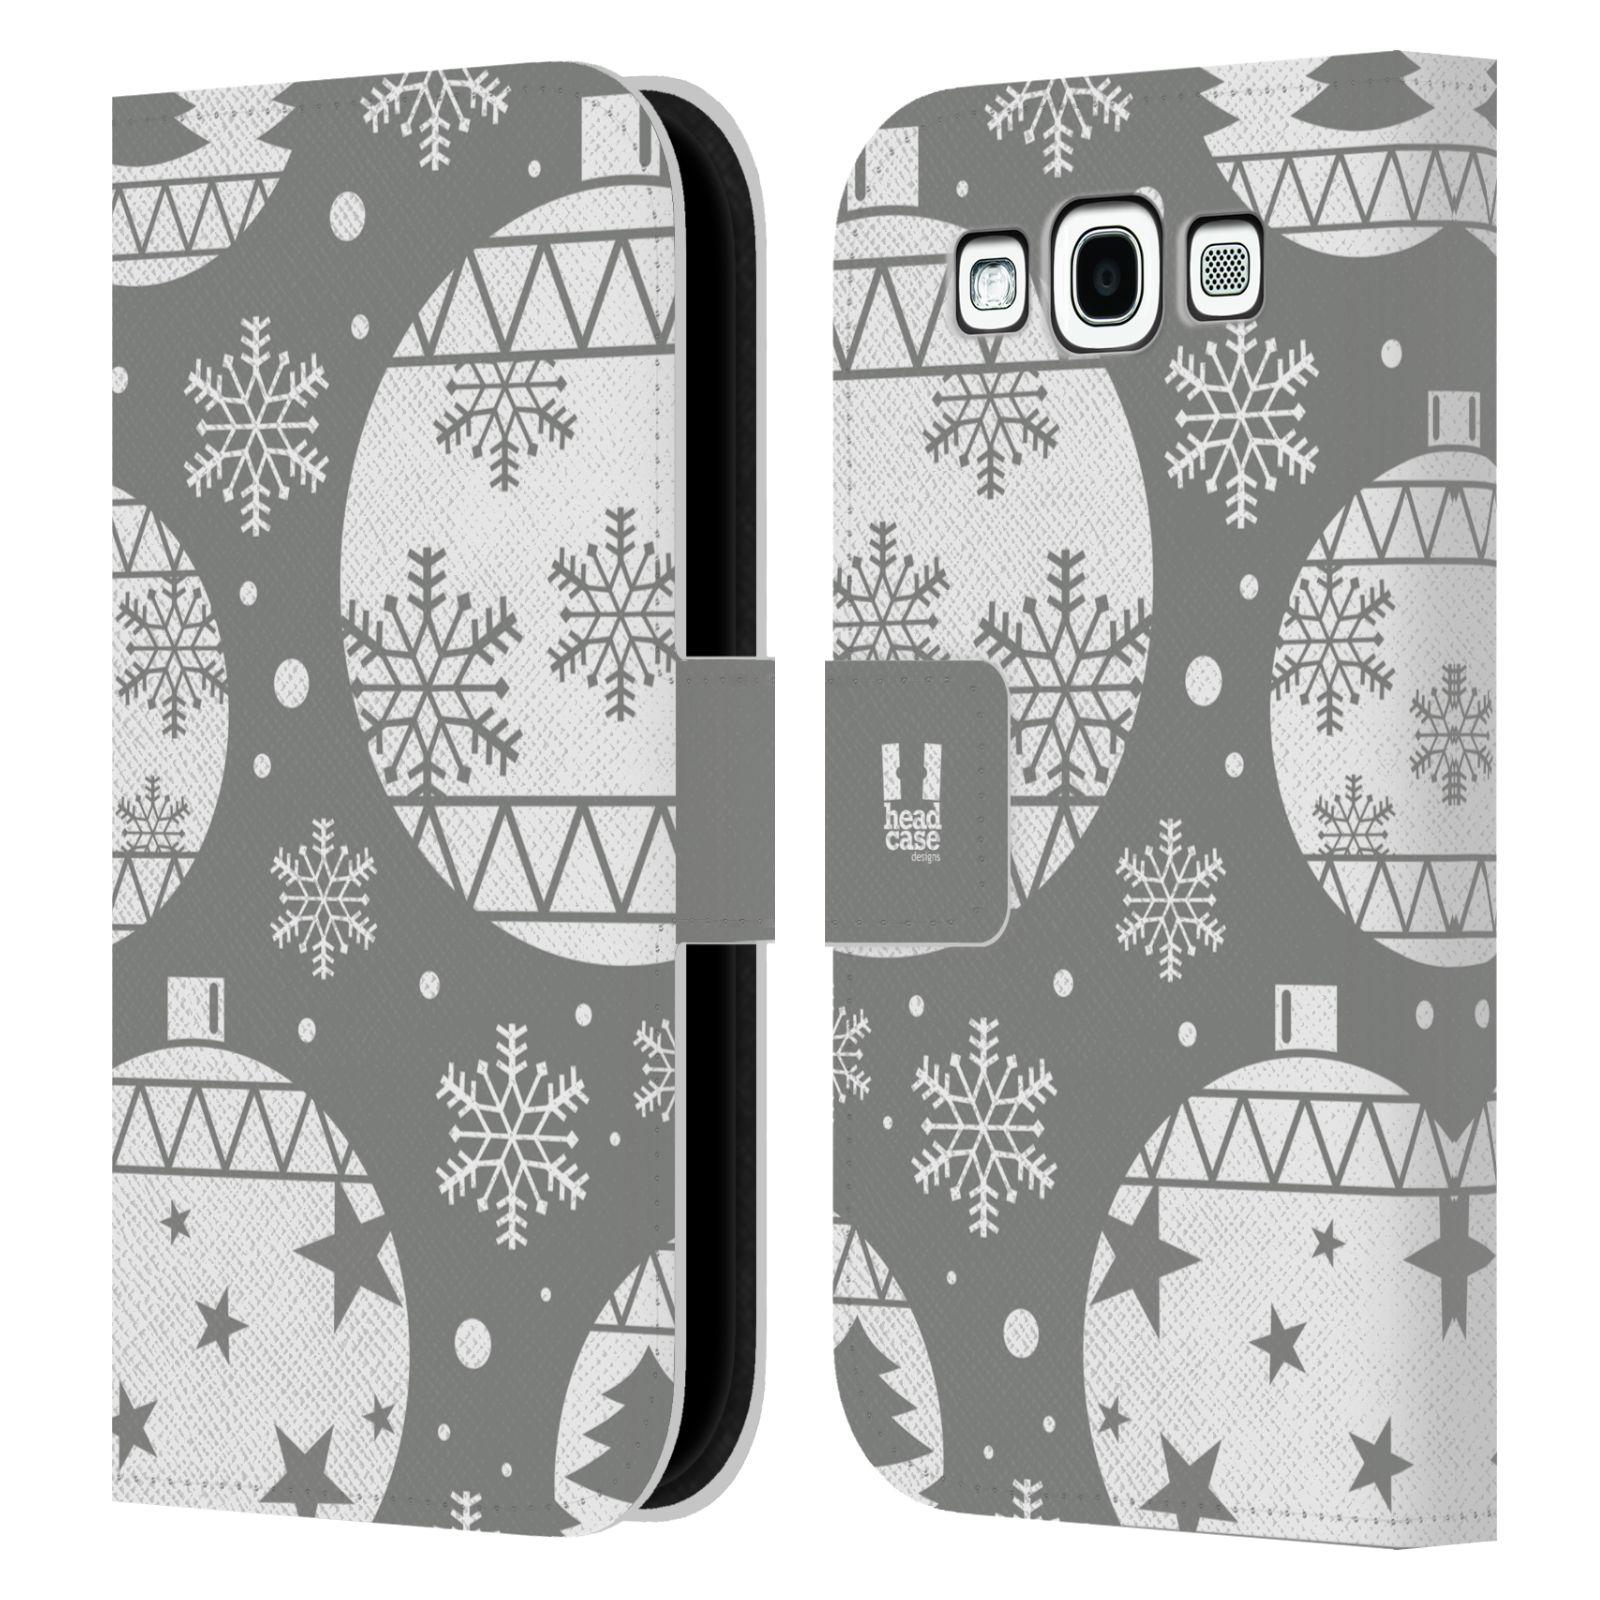 HEAD CASE Flipové pouzdro pro mobil Samsung Galaxy S3 stříbrné vzory vánoční ozdoby